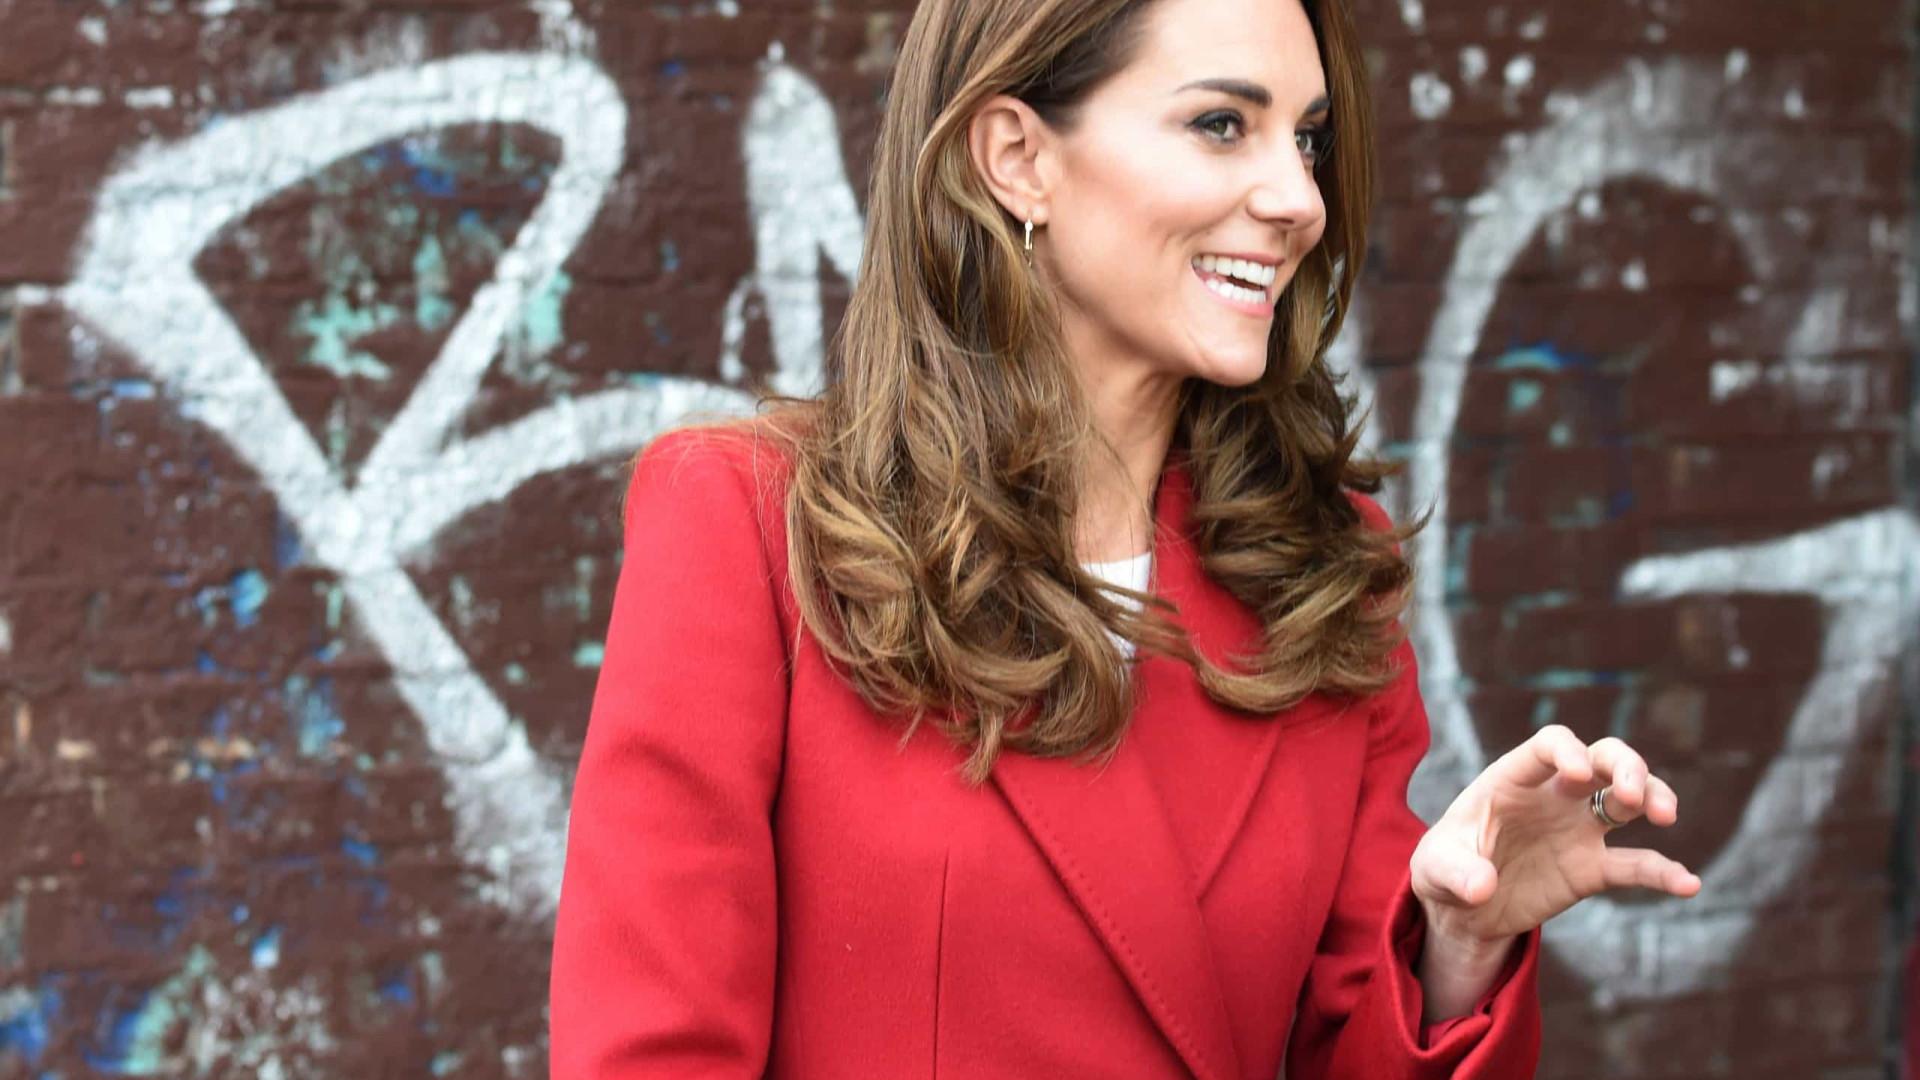 Viva o outono! Kate Middleton encanta com sobretudo encarnado